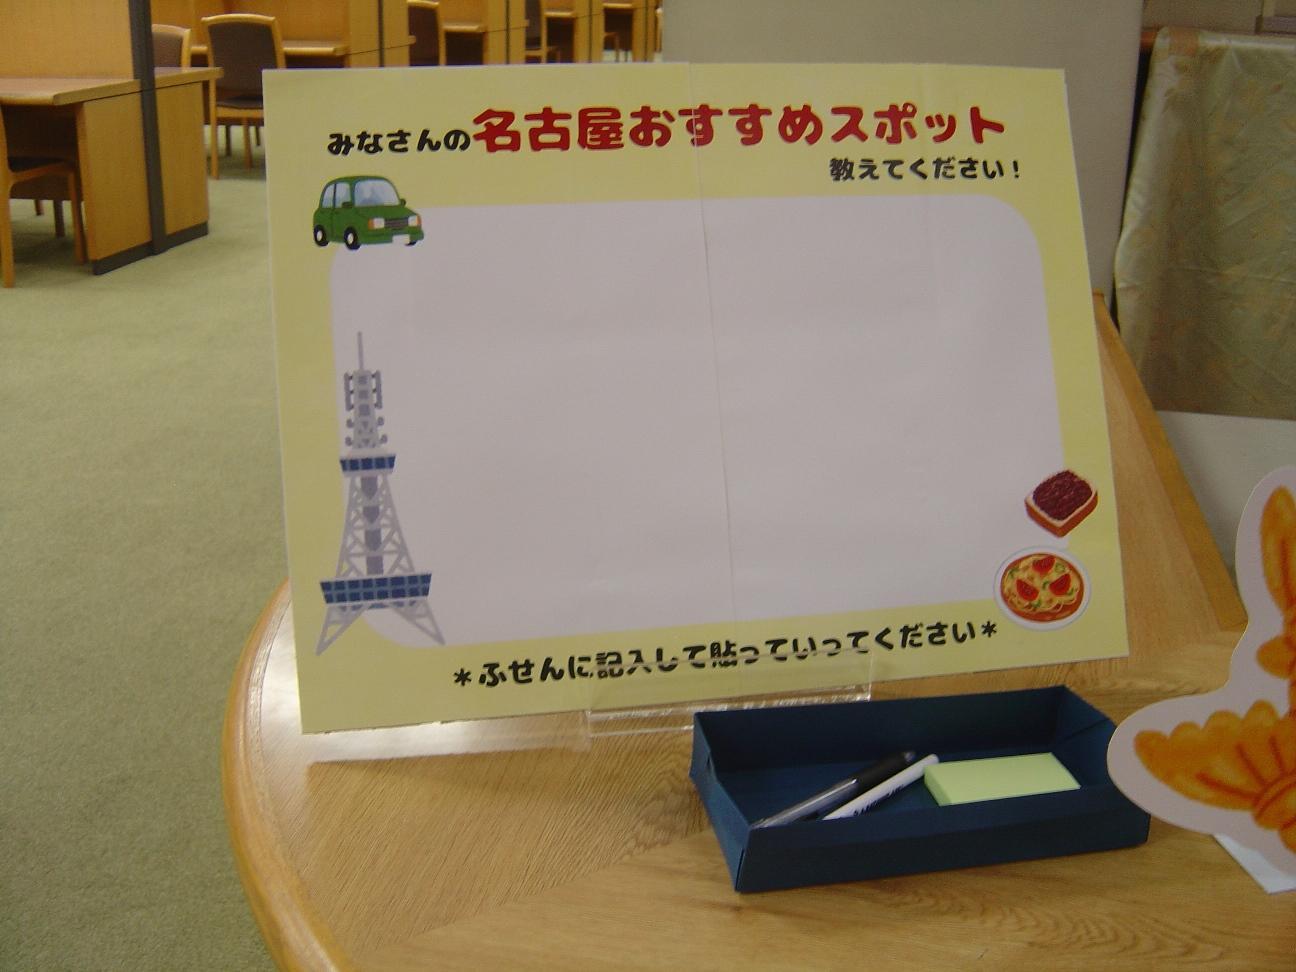 皆さんから「名古屋おすすめスポット」を募集中。付箋に記入してボードに貼り付けてください。